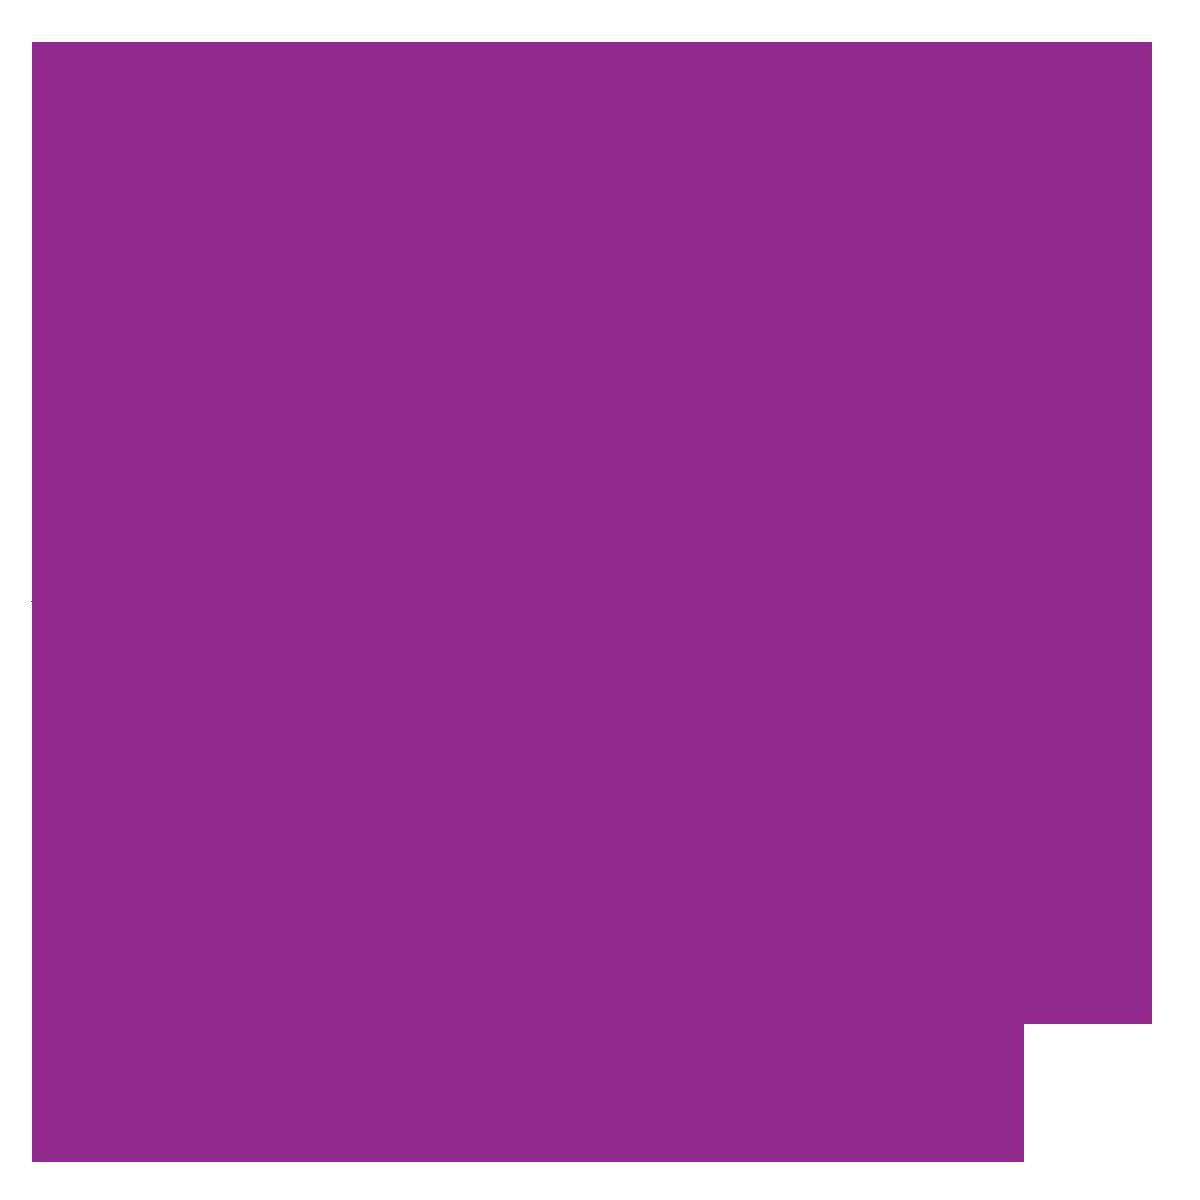 火焰图标在紫色背景